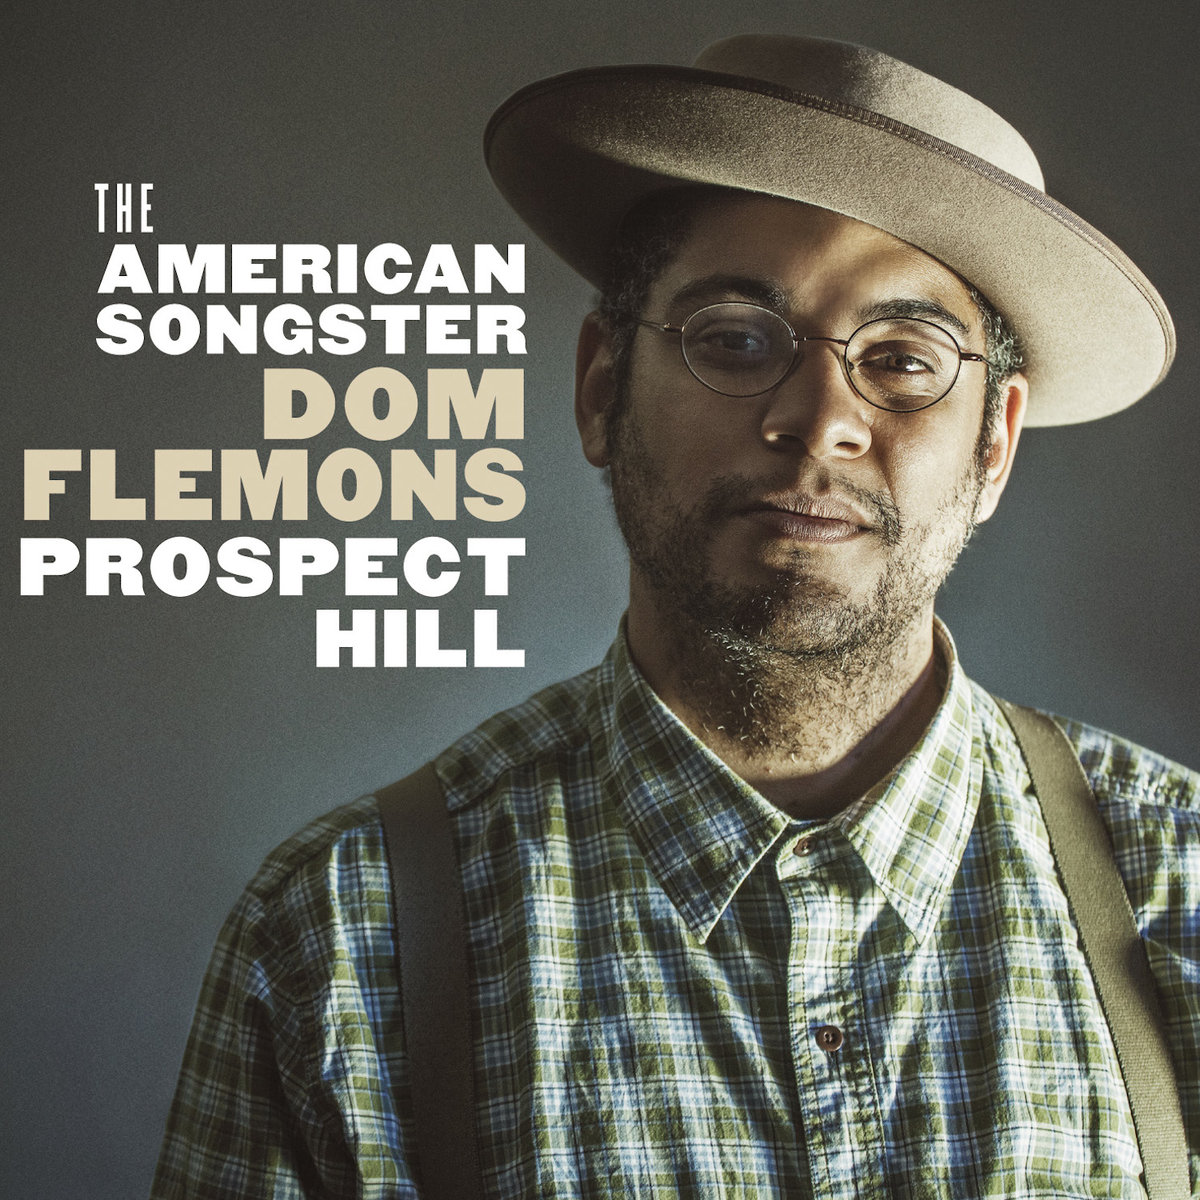 flemons prospect.jpg